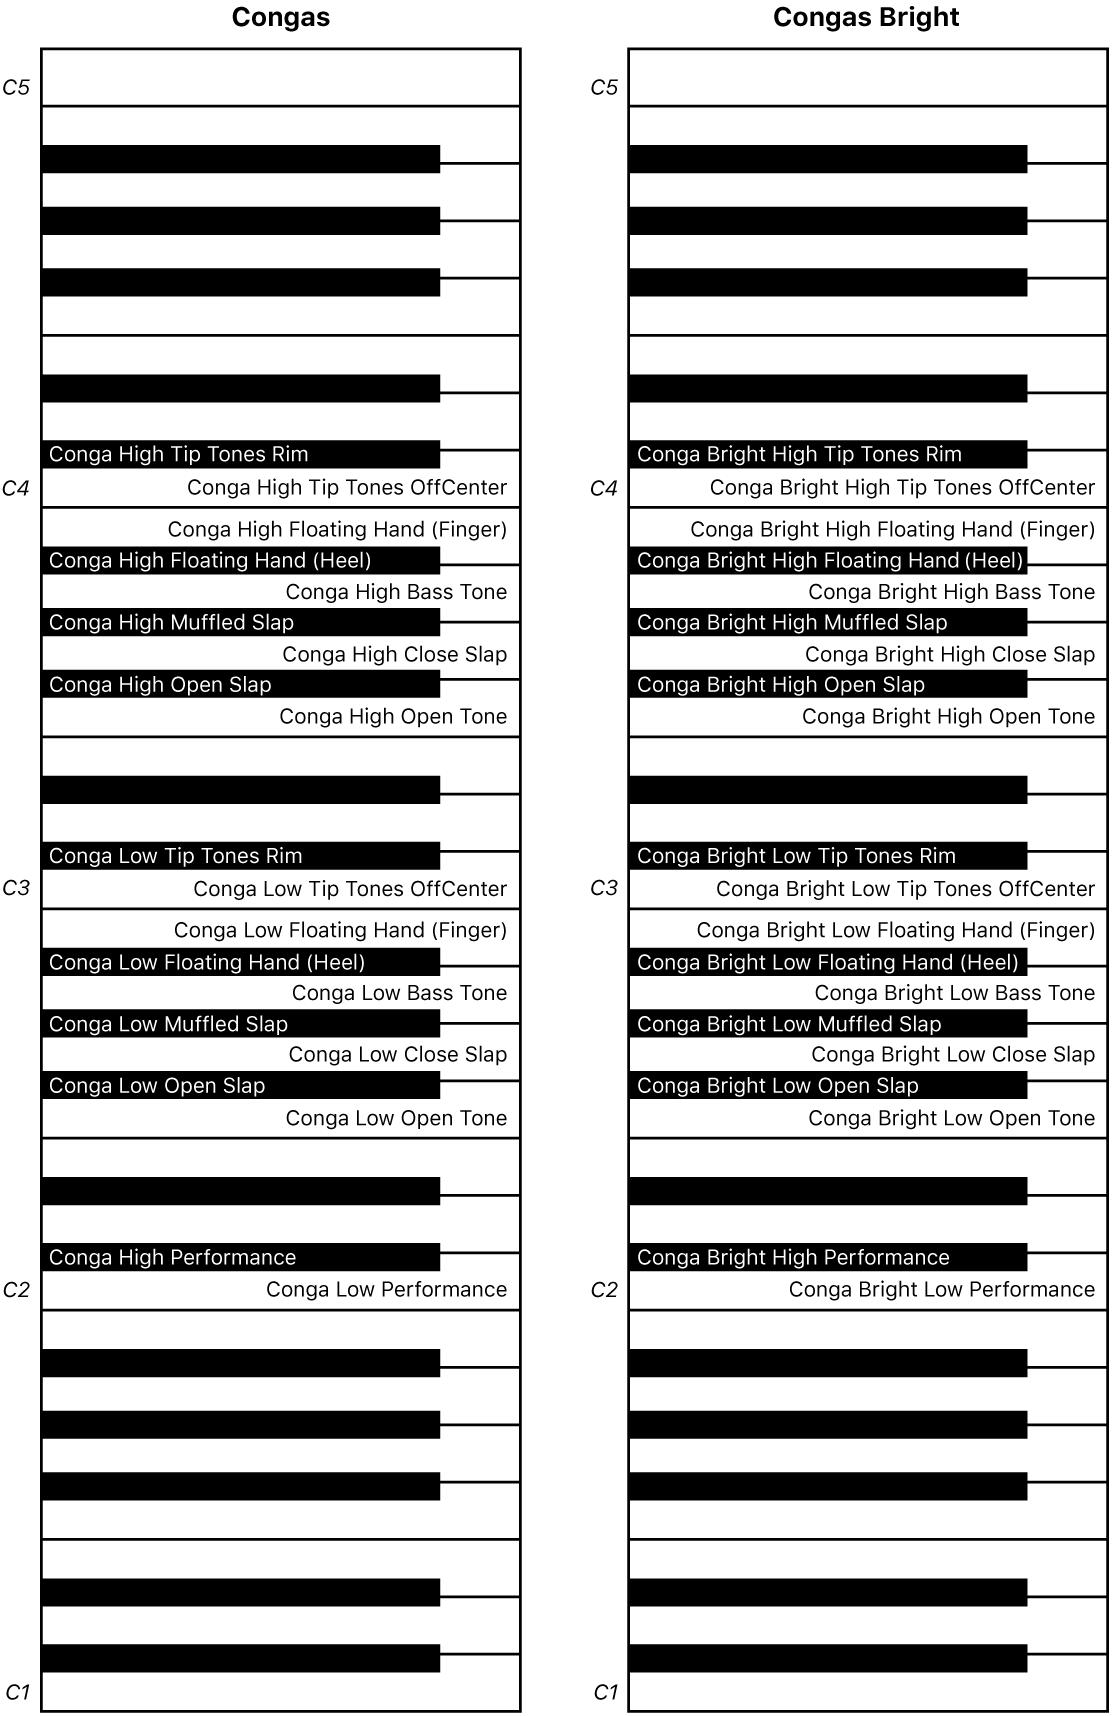 Abbildung. Keyboard-Zuweisung für Congas- und Congas Bright-Performance